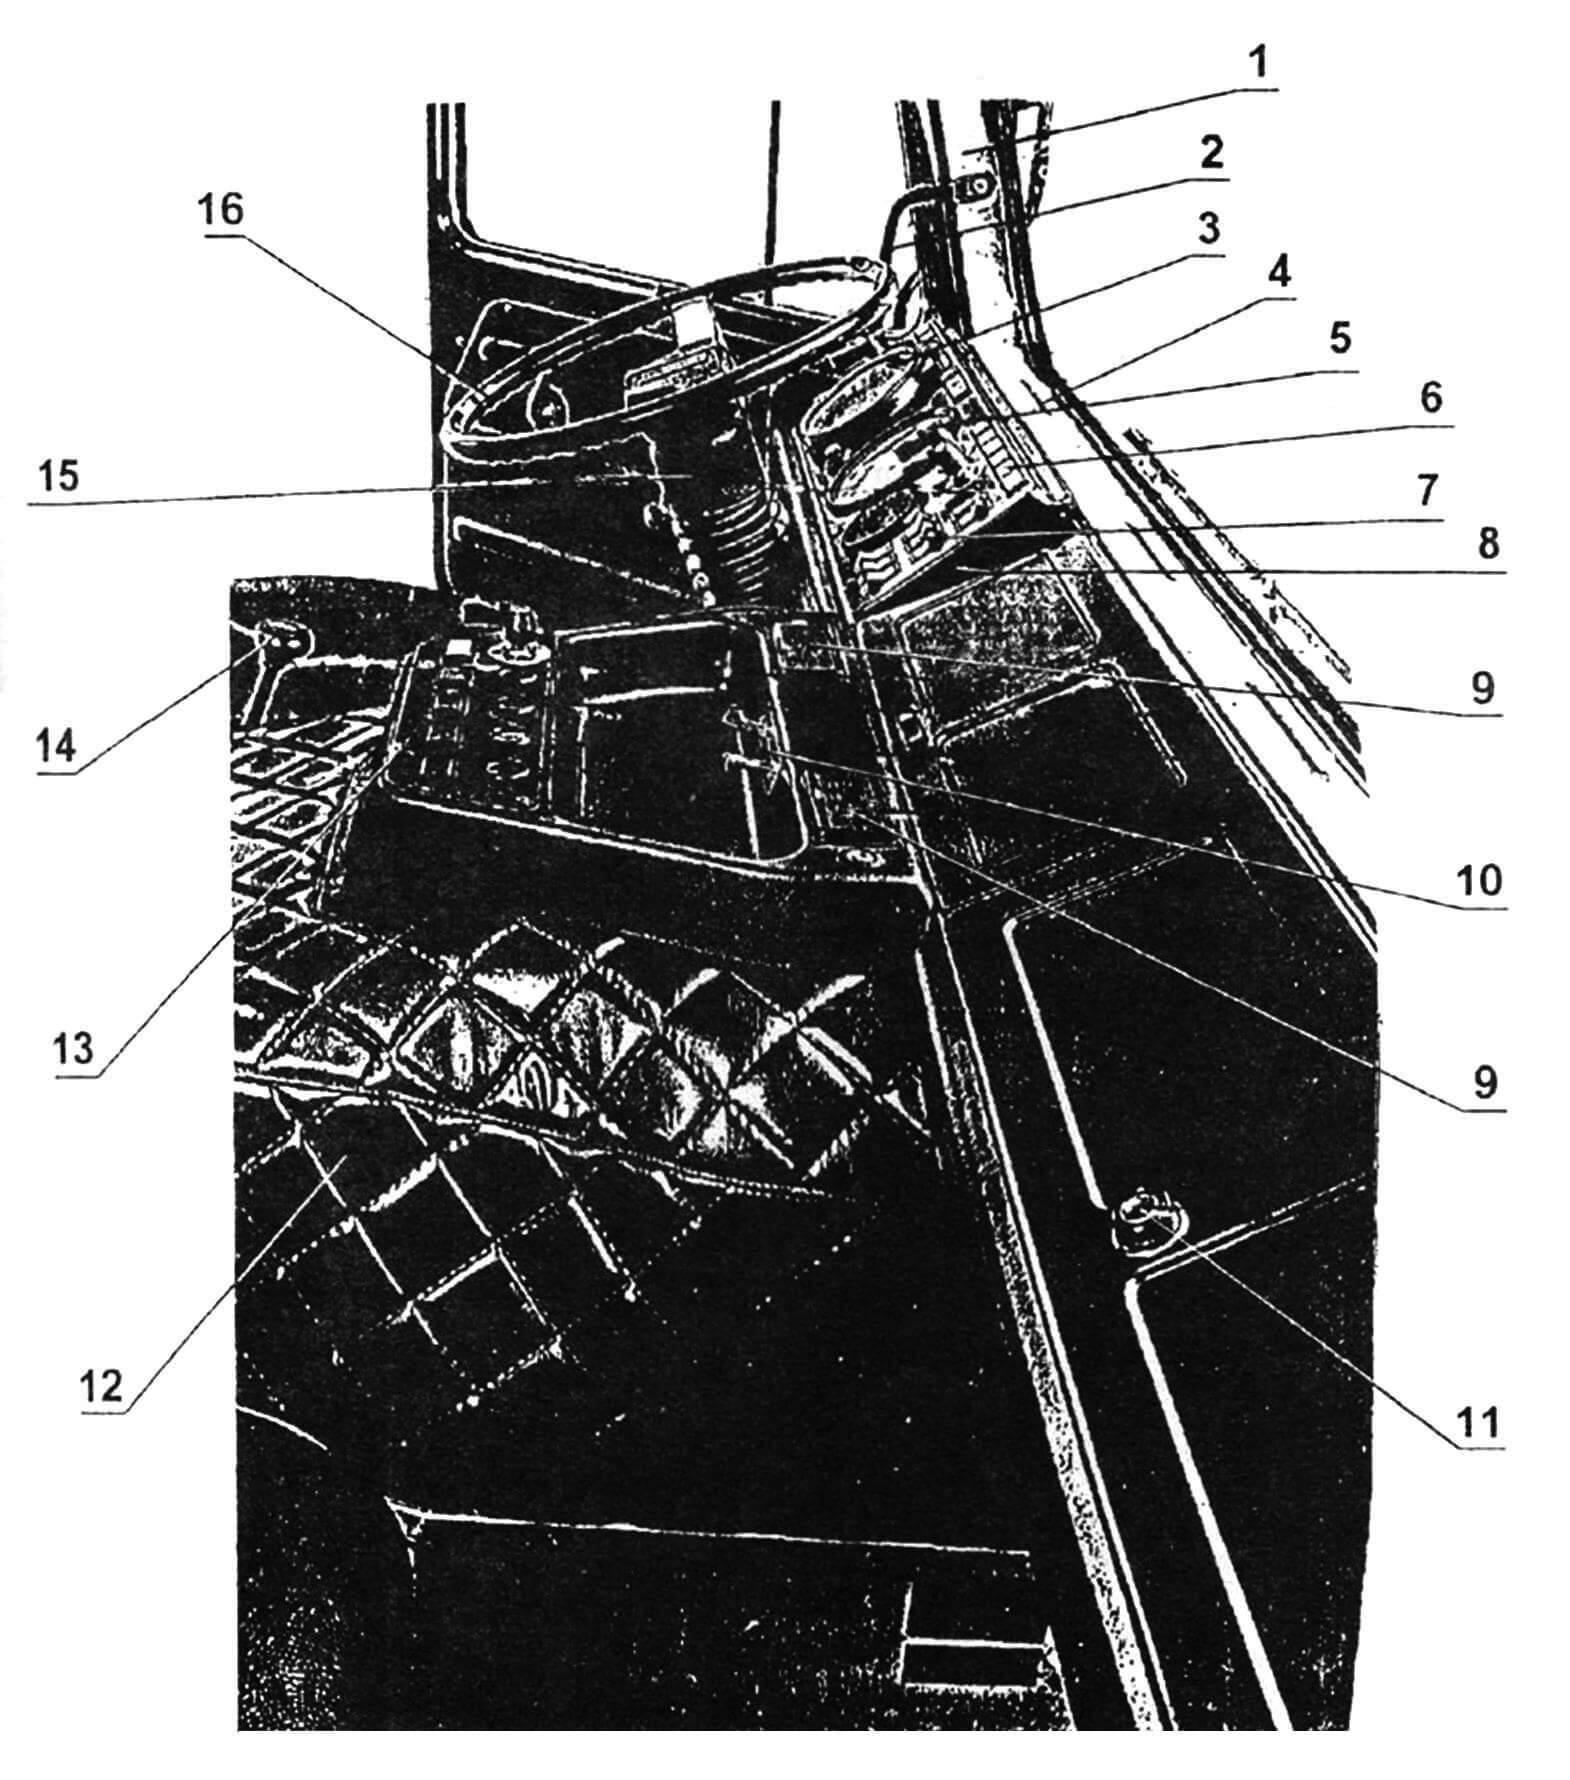 Кабина: 1 — стойка кабины; 2 — поручень; 3 — спидометр; 4 — сопло обдува лобового стекла; 5 — тахометр; 6 — блок сигнальных ламп; 7 — клавиши управления оборудованием кабины; 8 — панель приборов; 9 — пепельницы; 10 — панель управления системой вентиляции и отопления; 11 — замок ящика для перчаток; 12 — чехол термо- и звукоизоляции кожуха двигателя; 13 — панель дополнительных приборов; 14 — рычаг переключения передач; 15 — колонка рулевая; 16 — колесо рулевое.